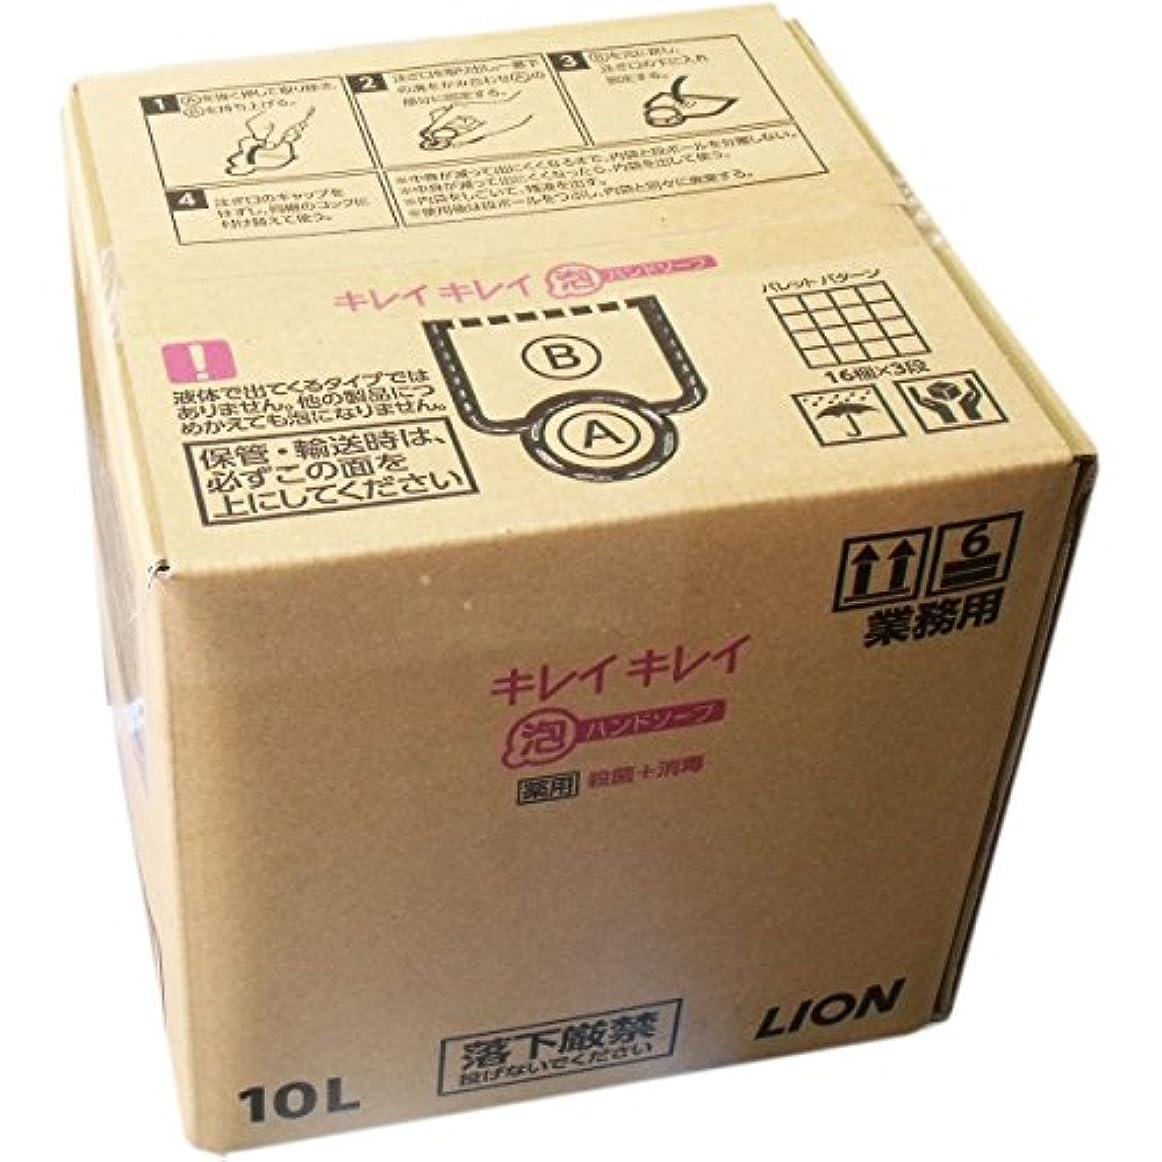 チラチラするロードブロッキング呼び出すライオン 業務用キレイキレイ 薬用泡ハンドソープ 10L